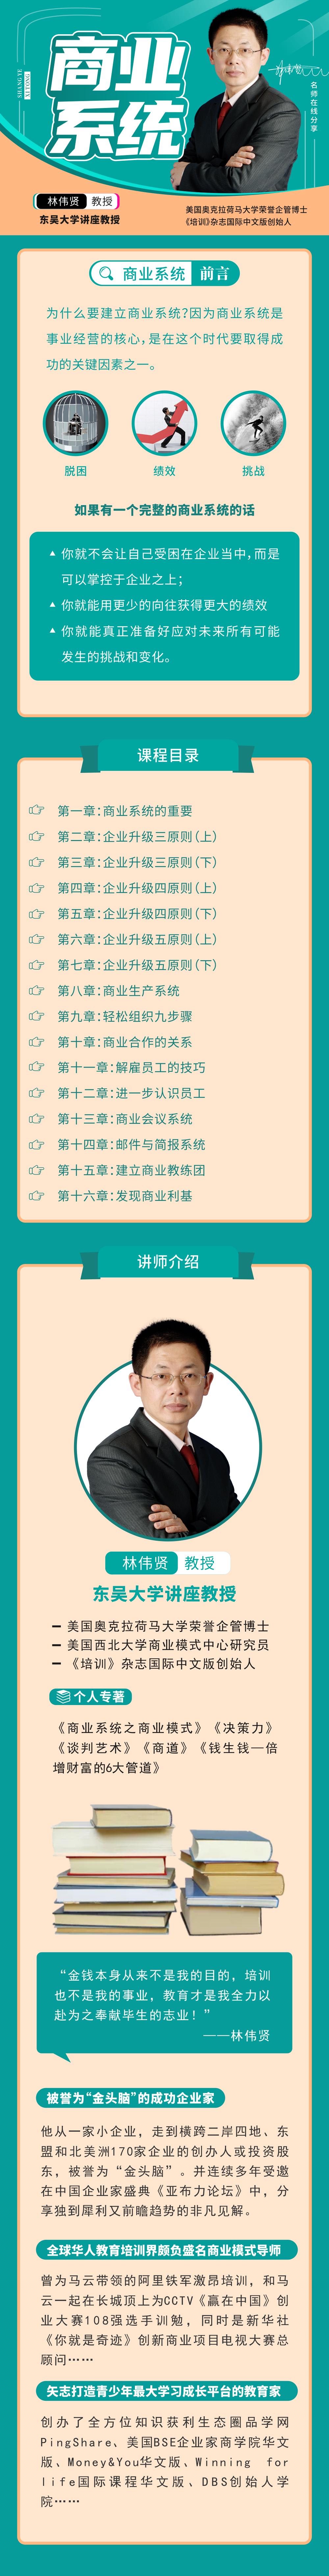 397f219048e64014b8a8eb36d9dd120a - 林伟贤讲商业系统,建立一个完整的商业系统